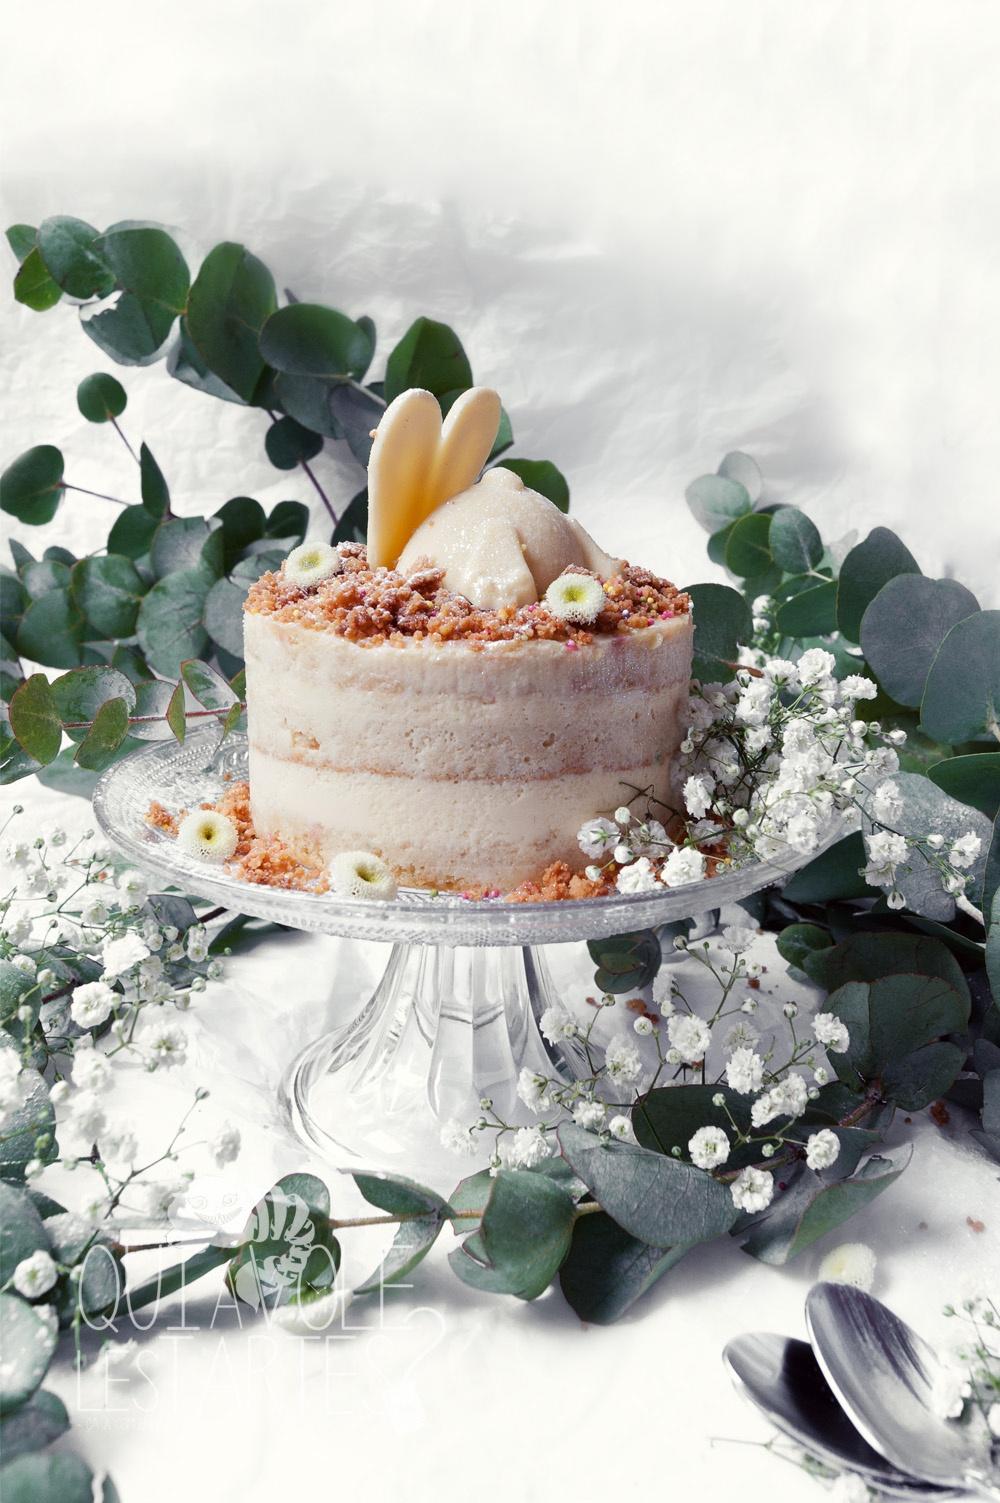 Le lapin blanc 1 - entremet vanille chocolat blanc - Studio 2 création - Qui a volé les tartes